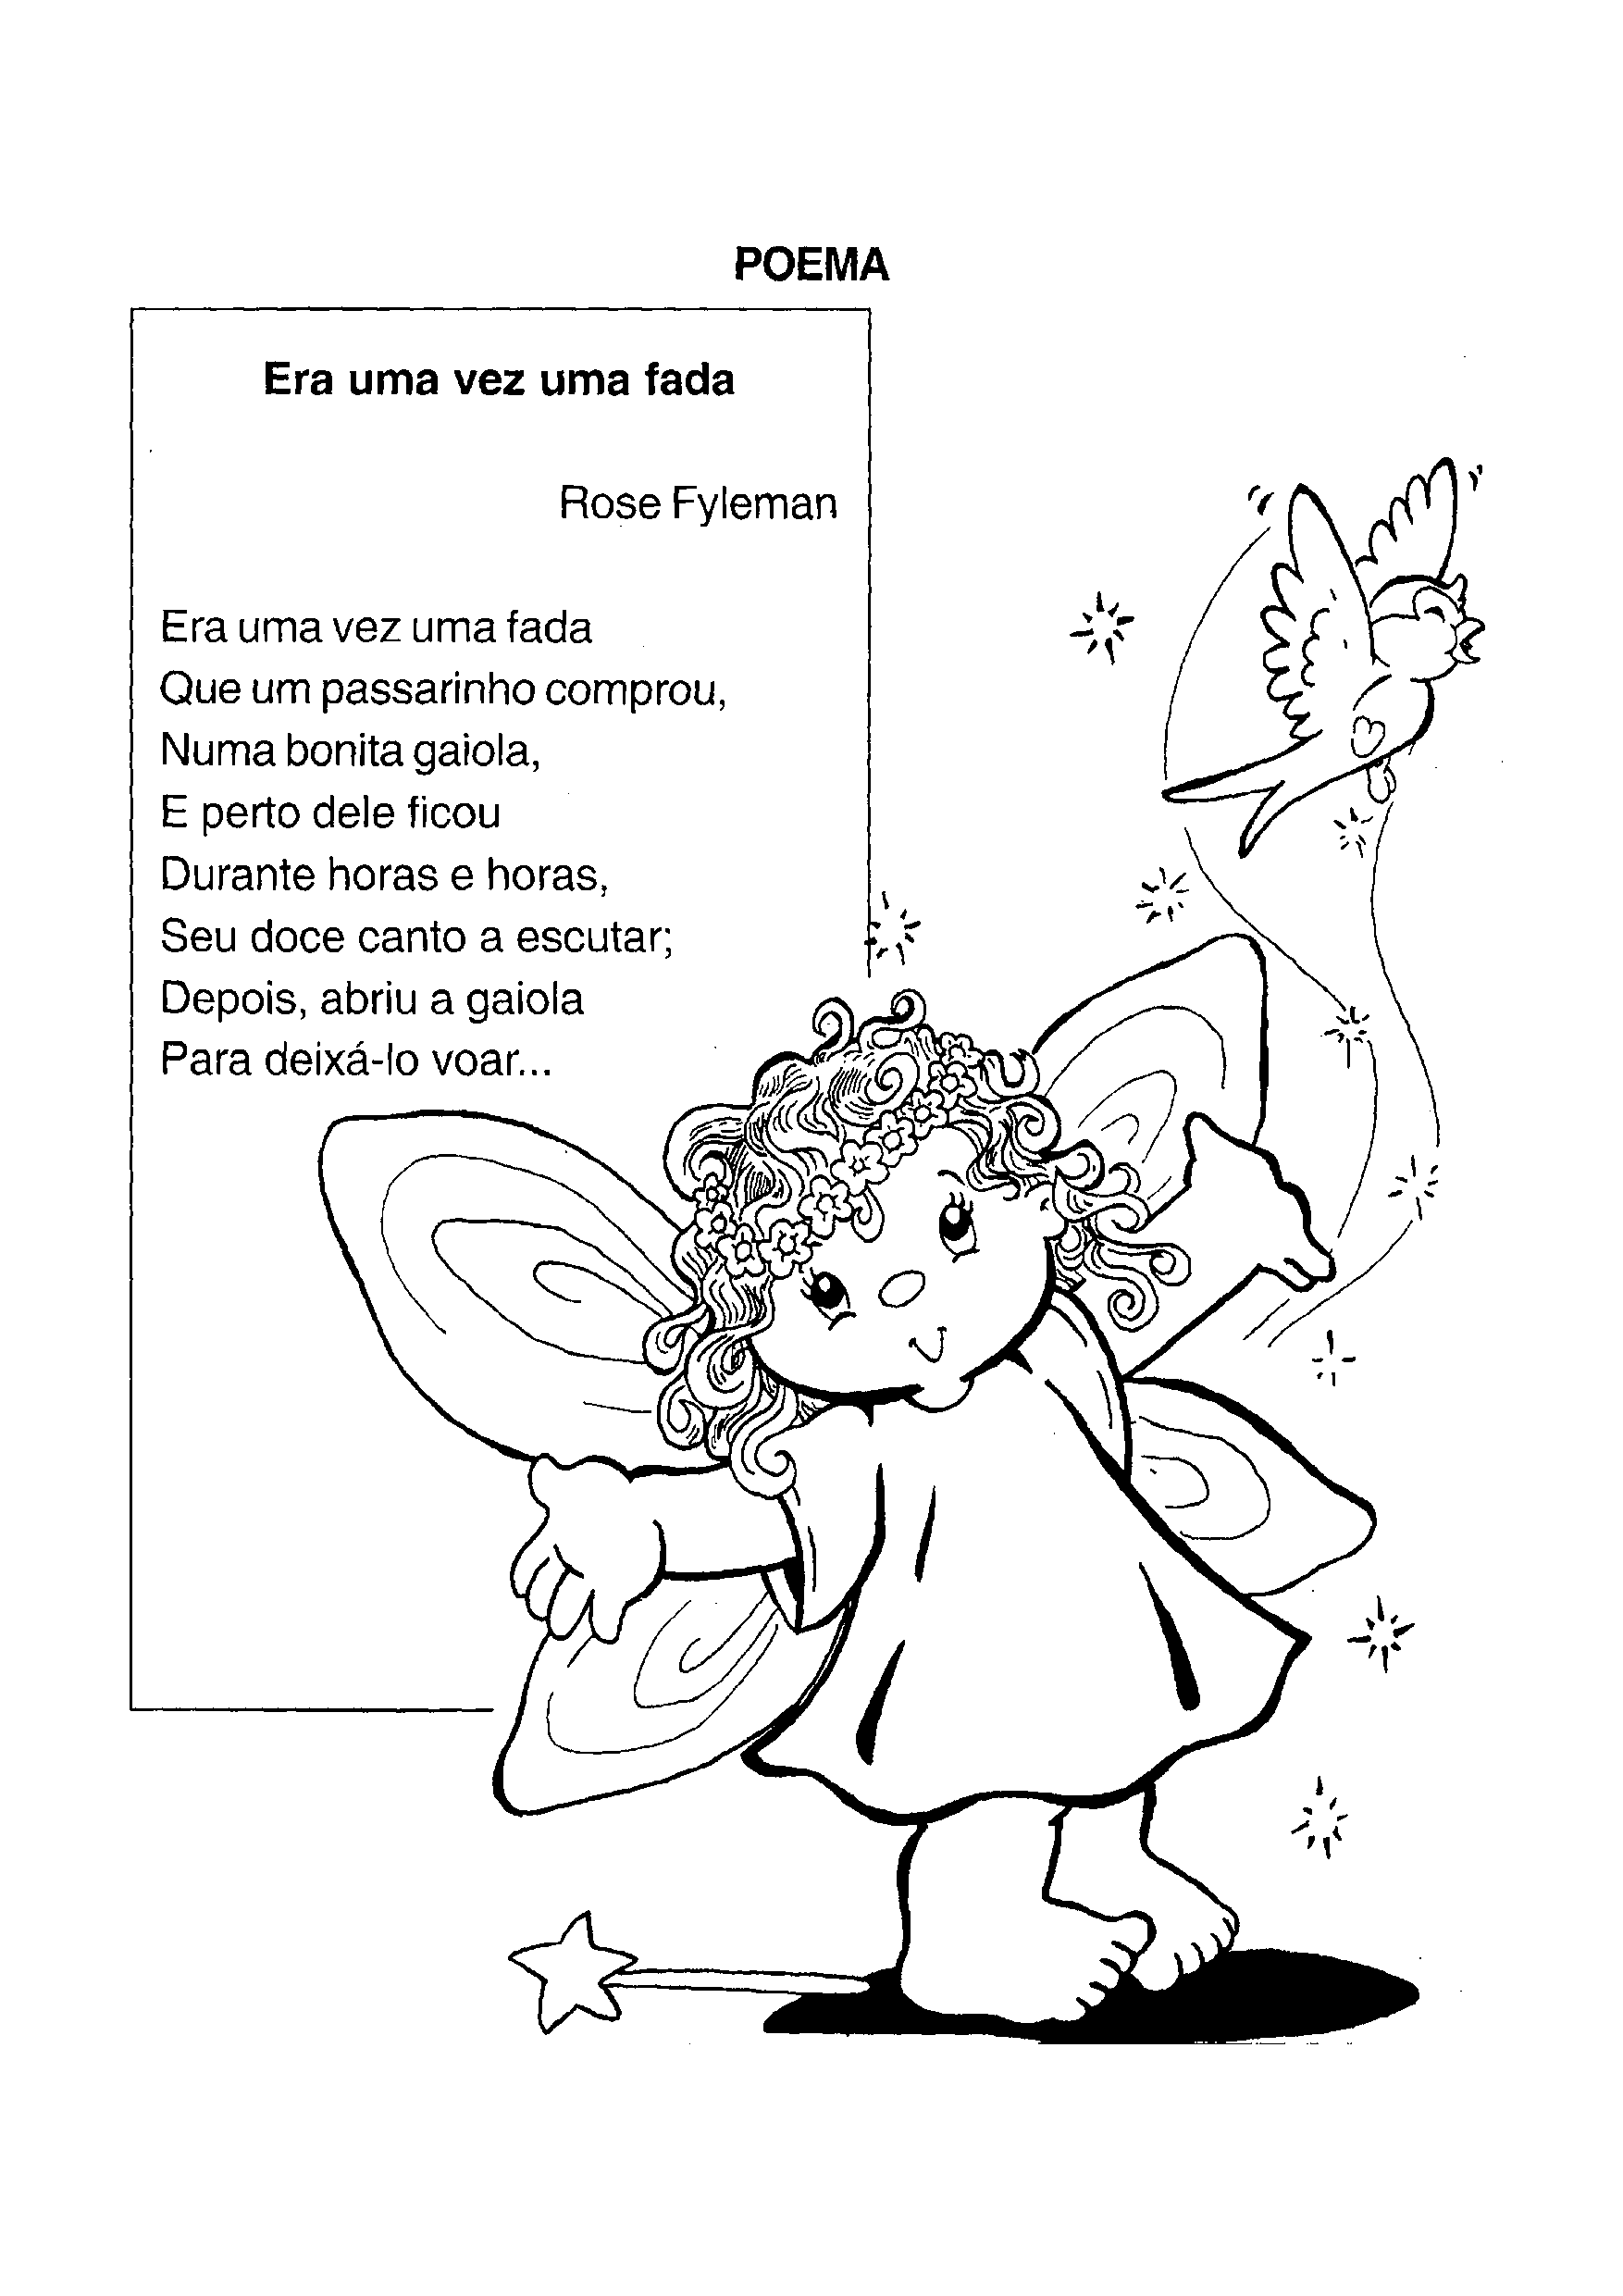 Poema Era uma vez uma Fada